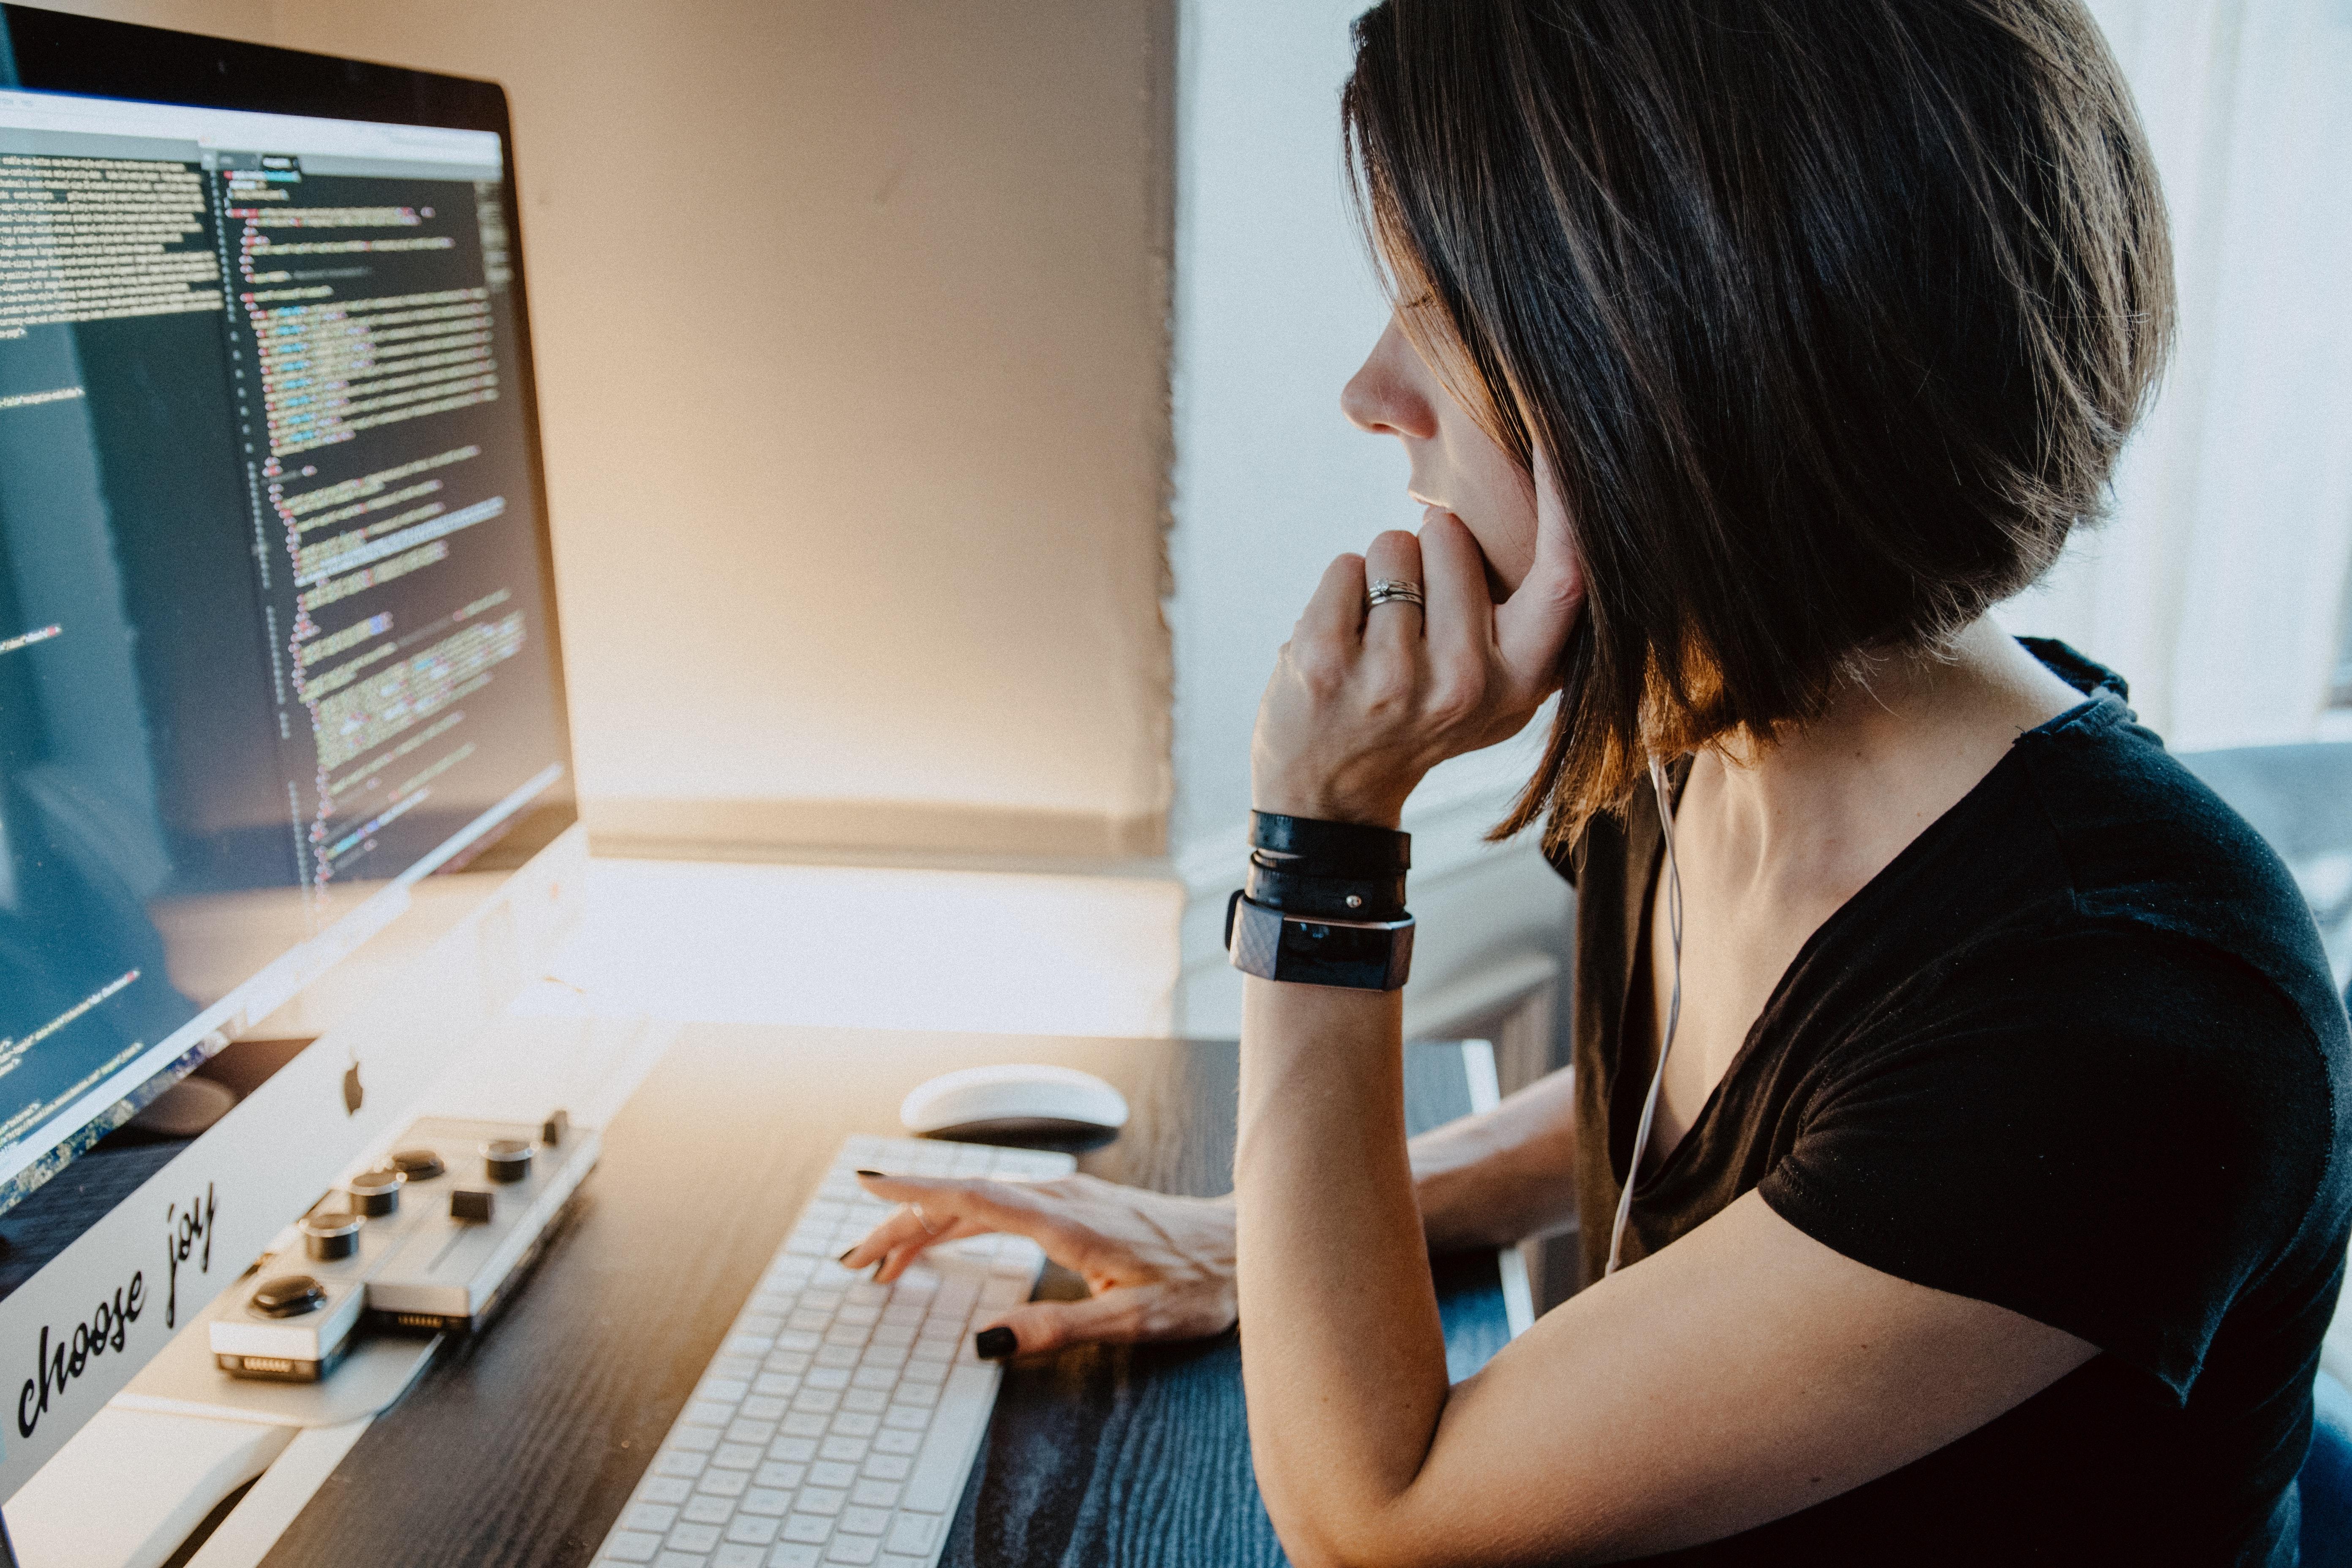 Más de 20,000 puestos de trabajo en áreas digitales quedaron sin cubrir en el 2020